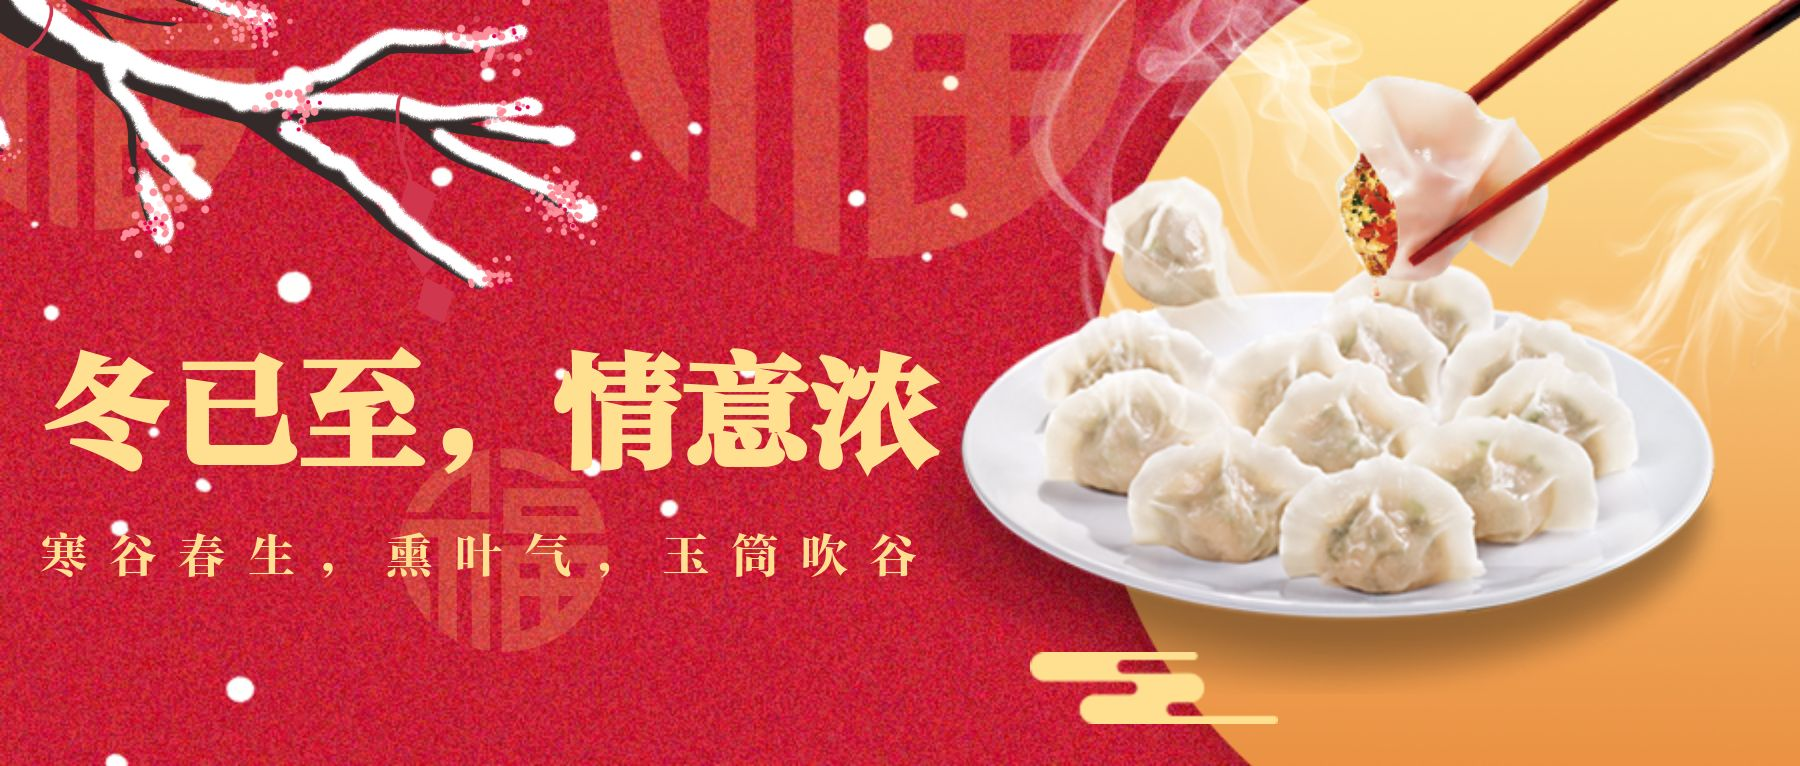 冬至团圆中国风饺子公众号头图